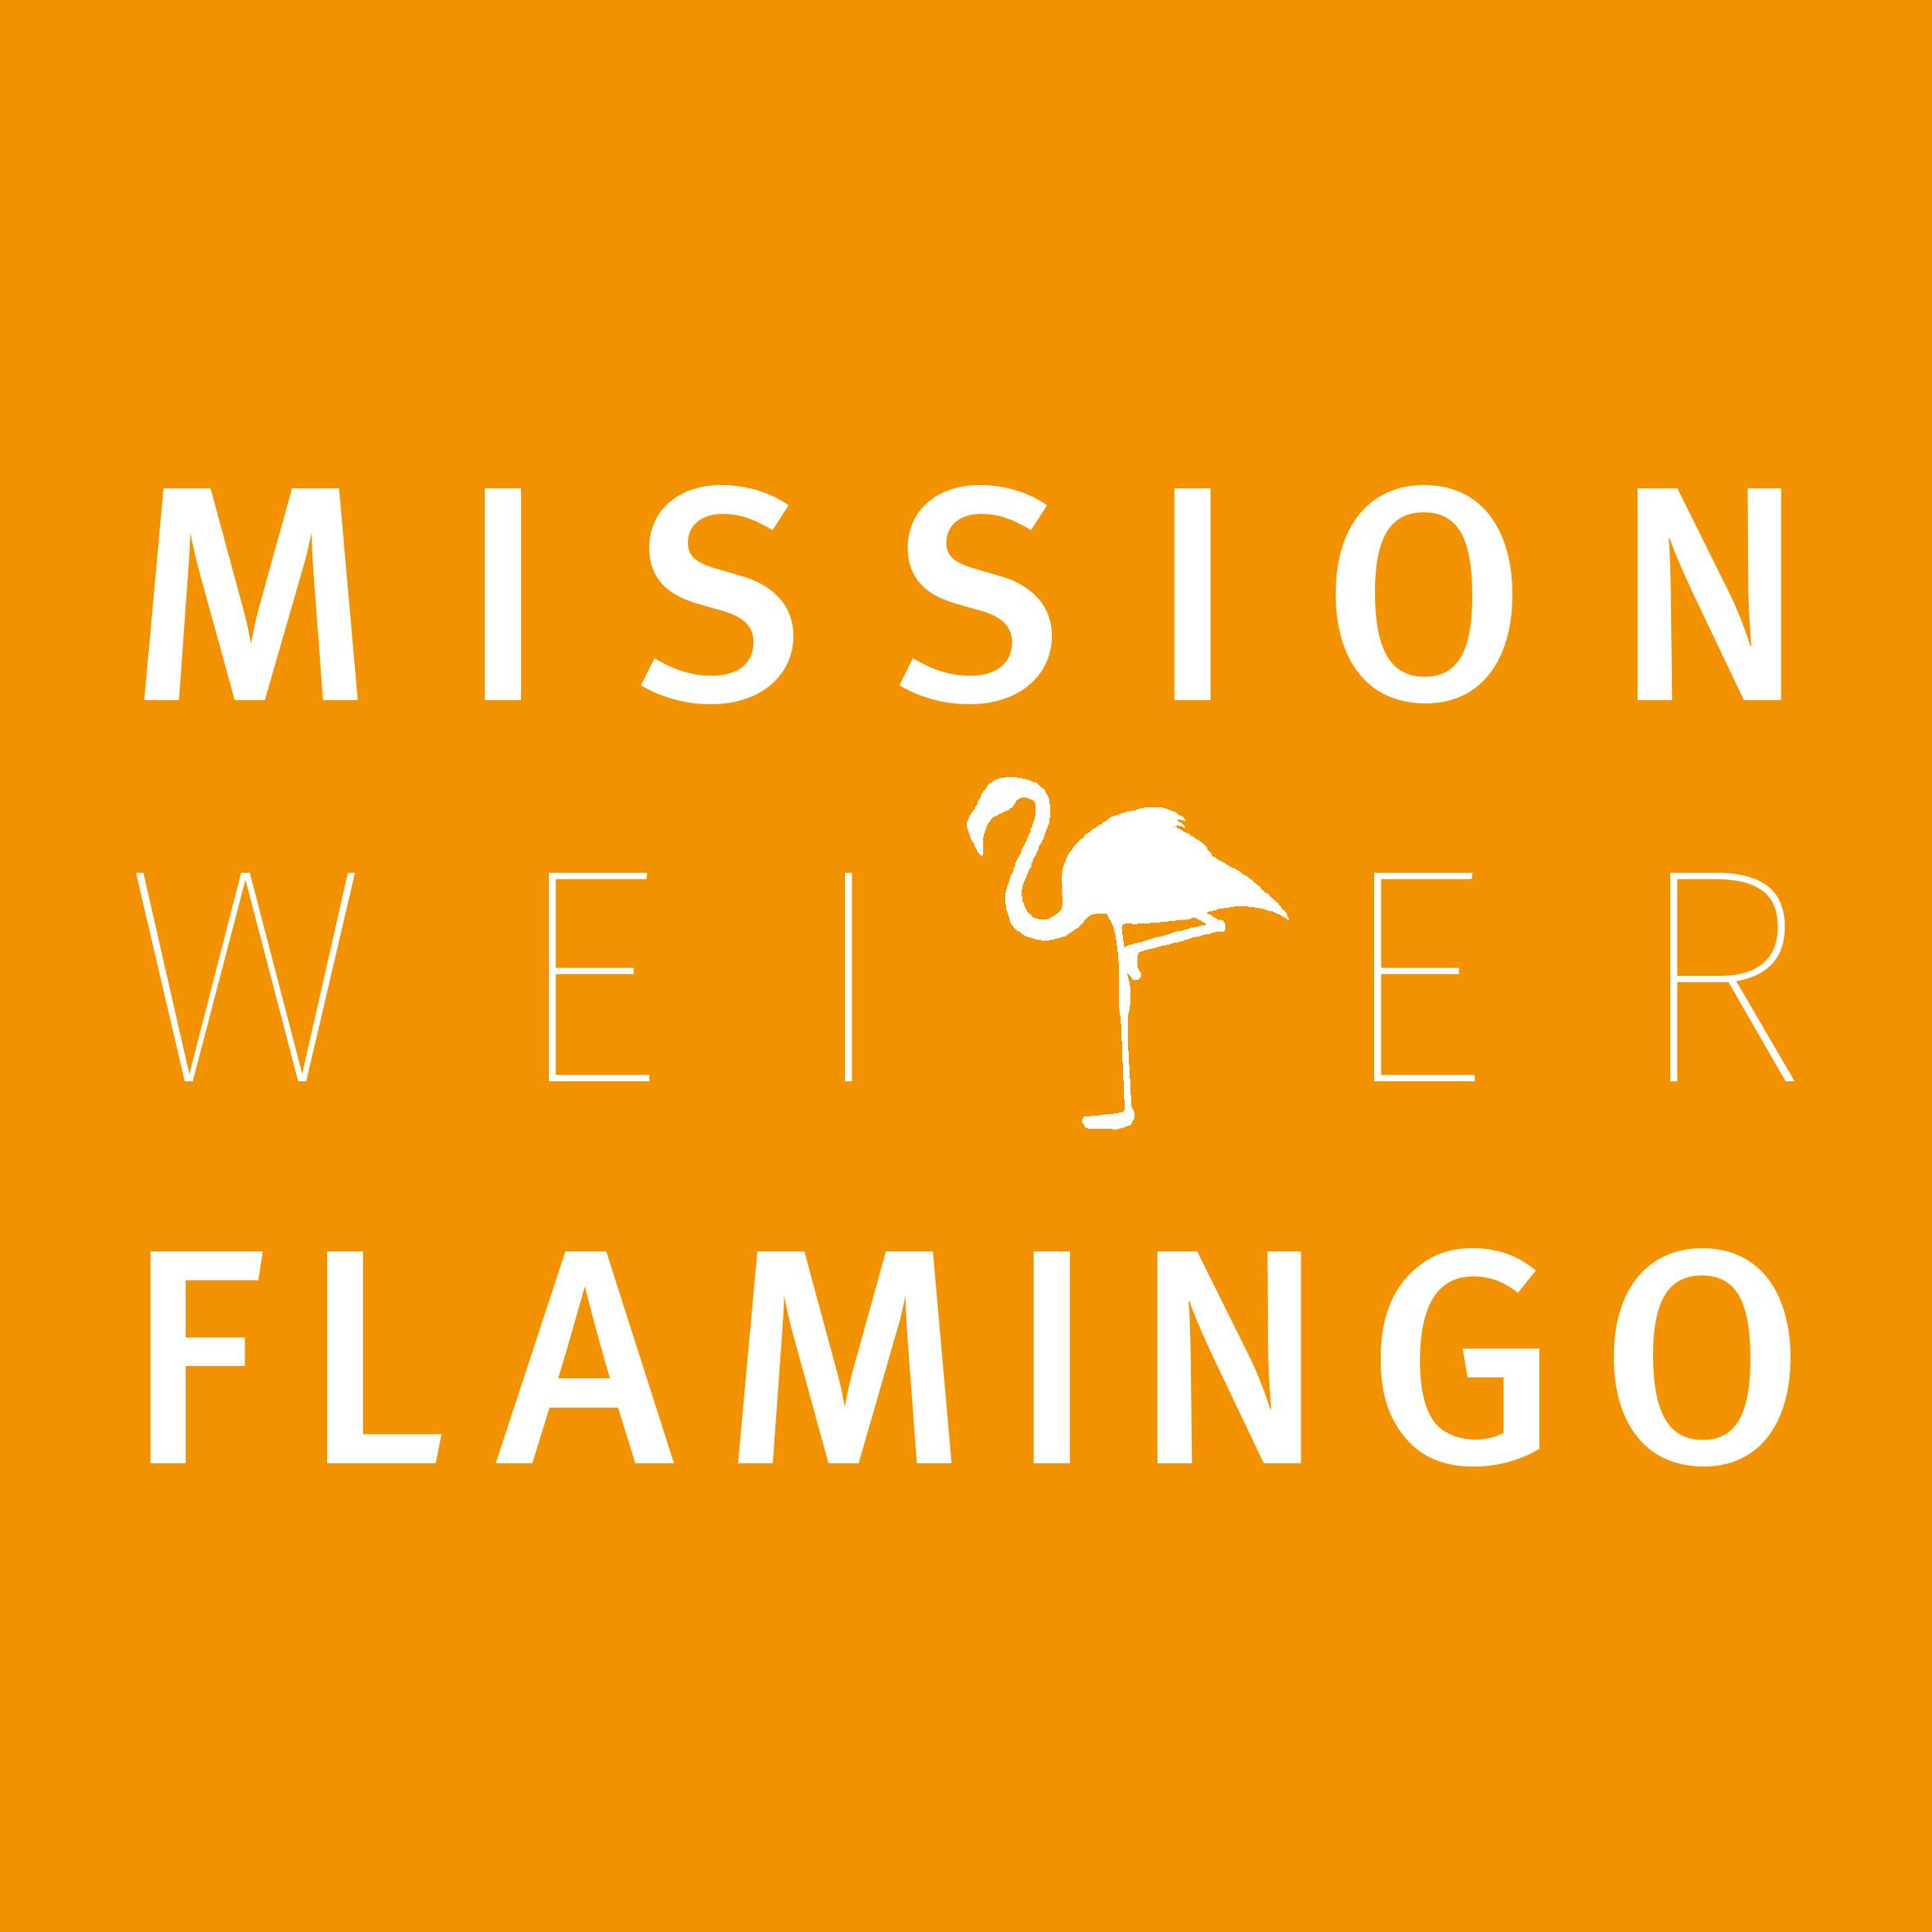 Mission weißer Flamingo